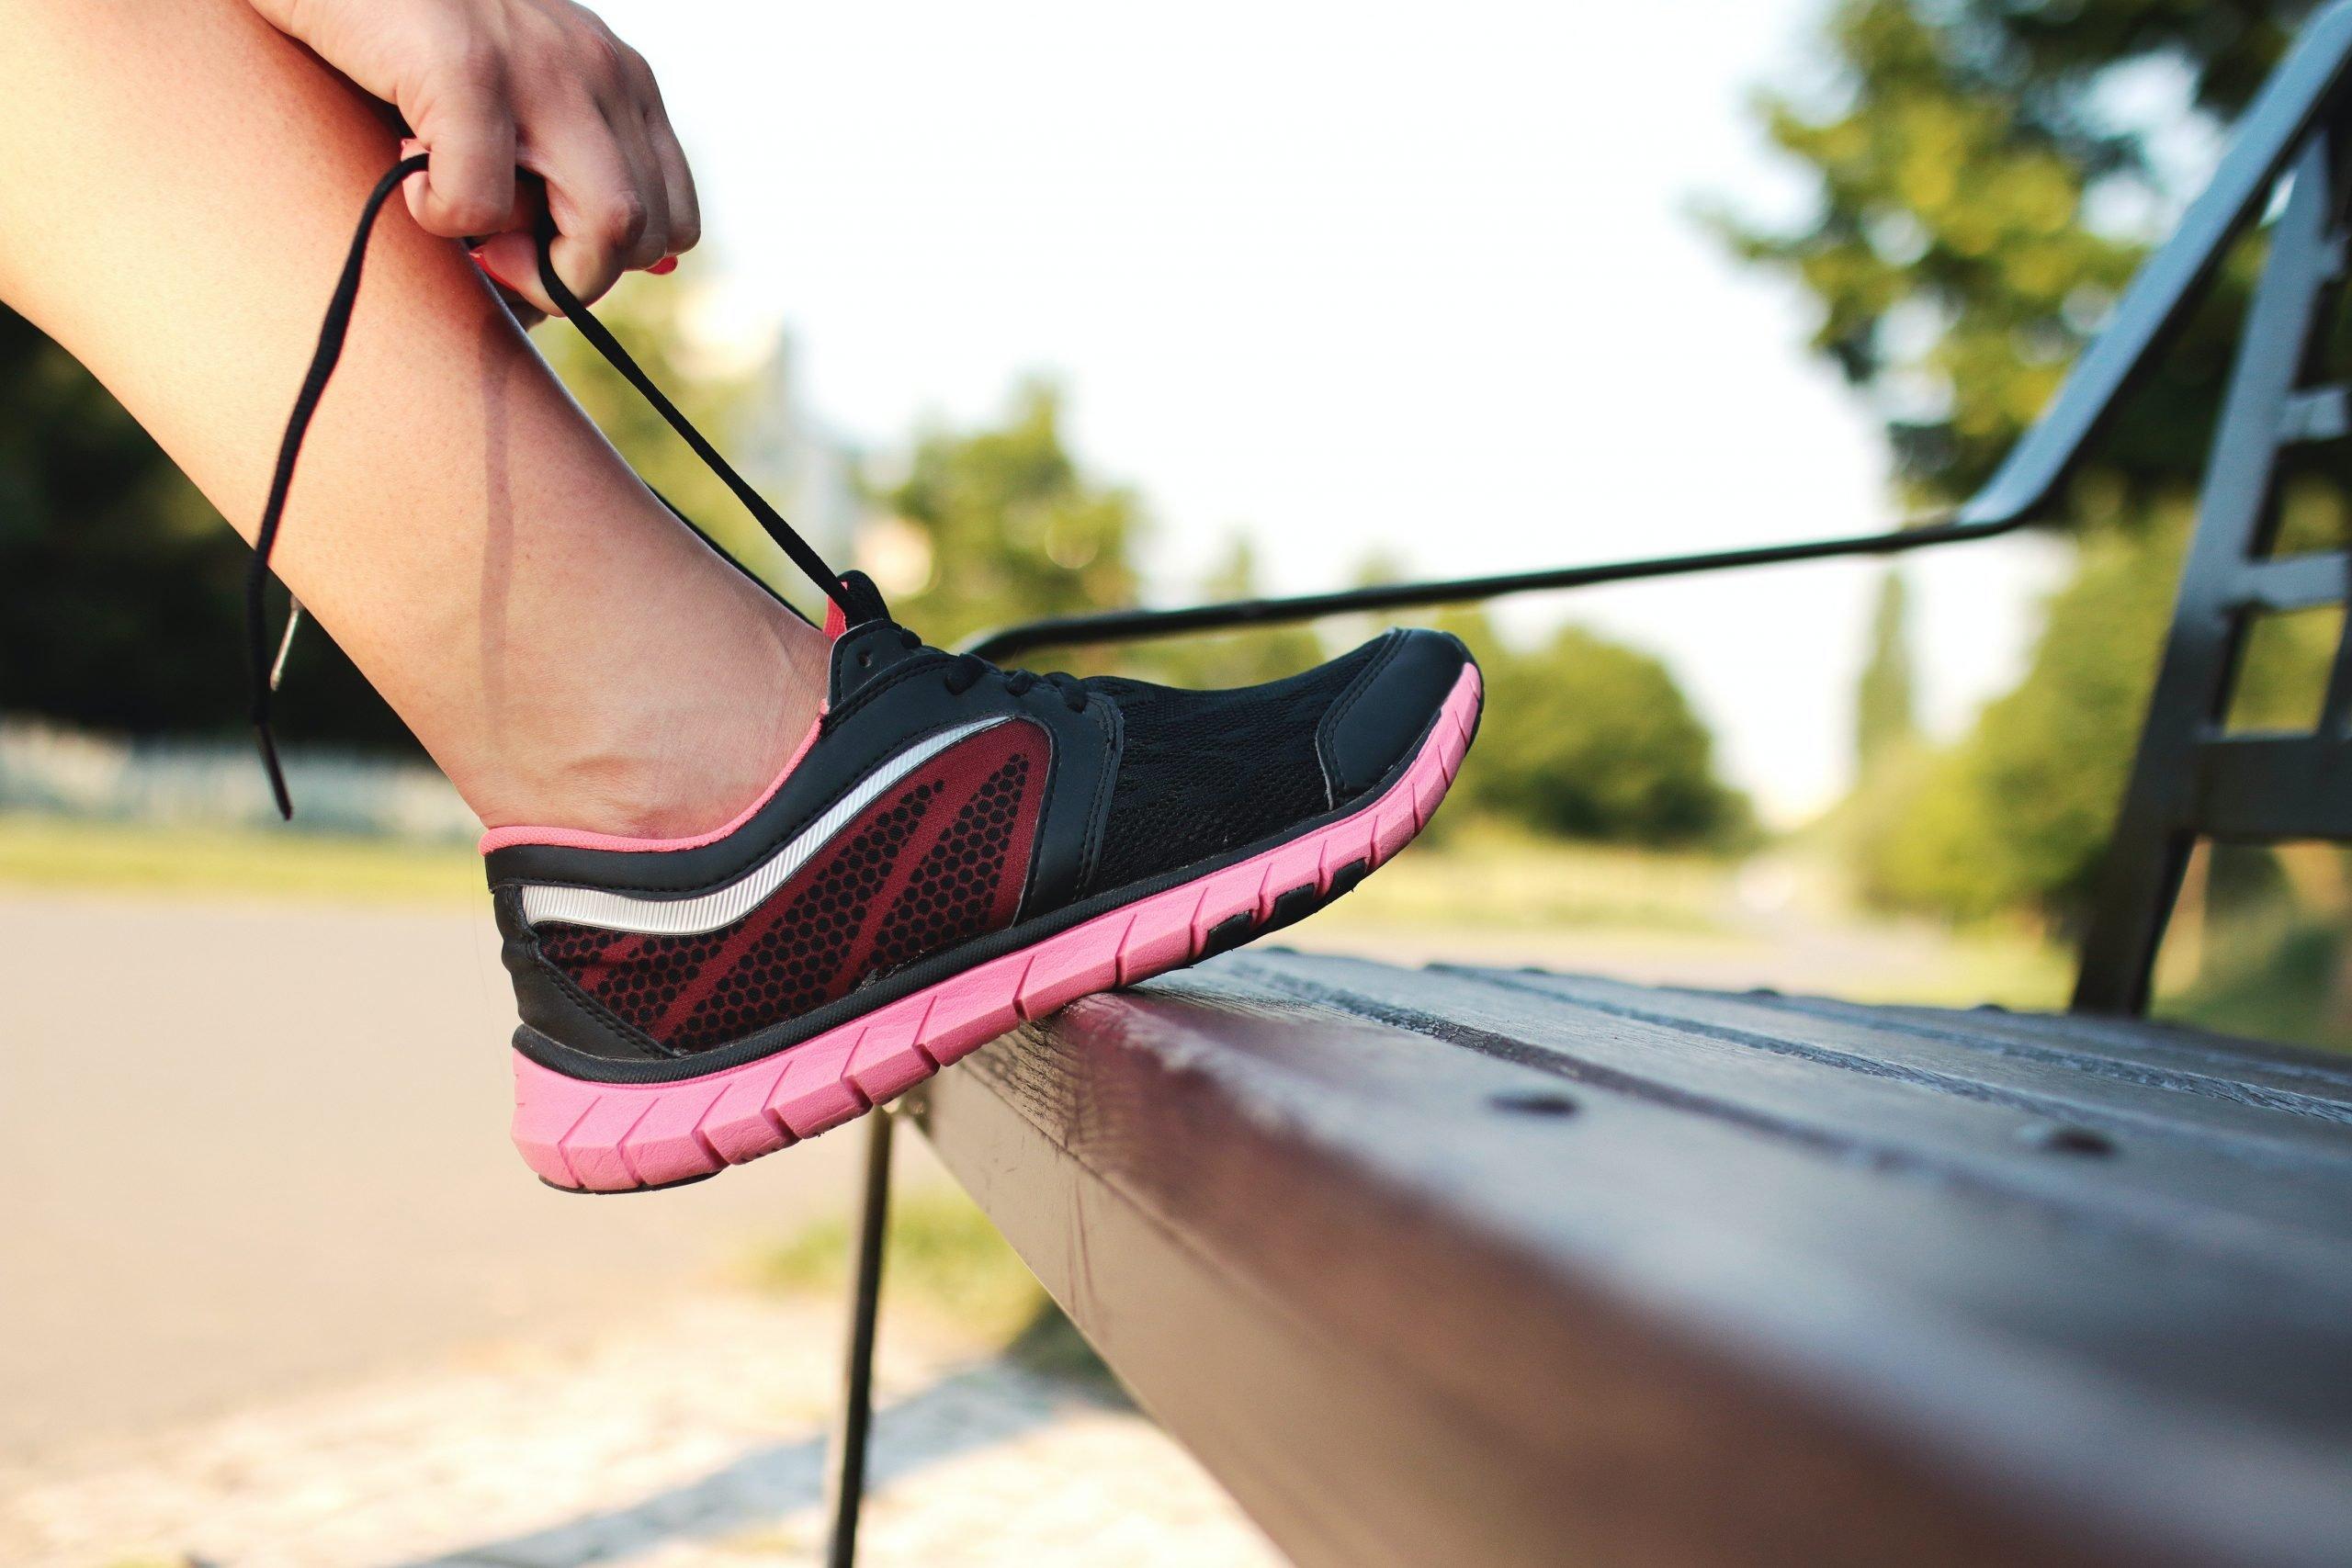 Imagen de una persona atándose una zapatilla de deporte